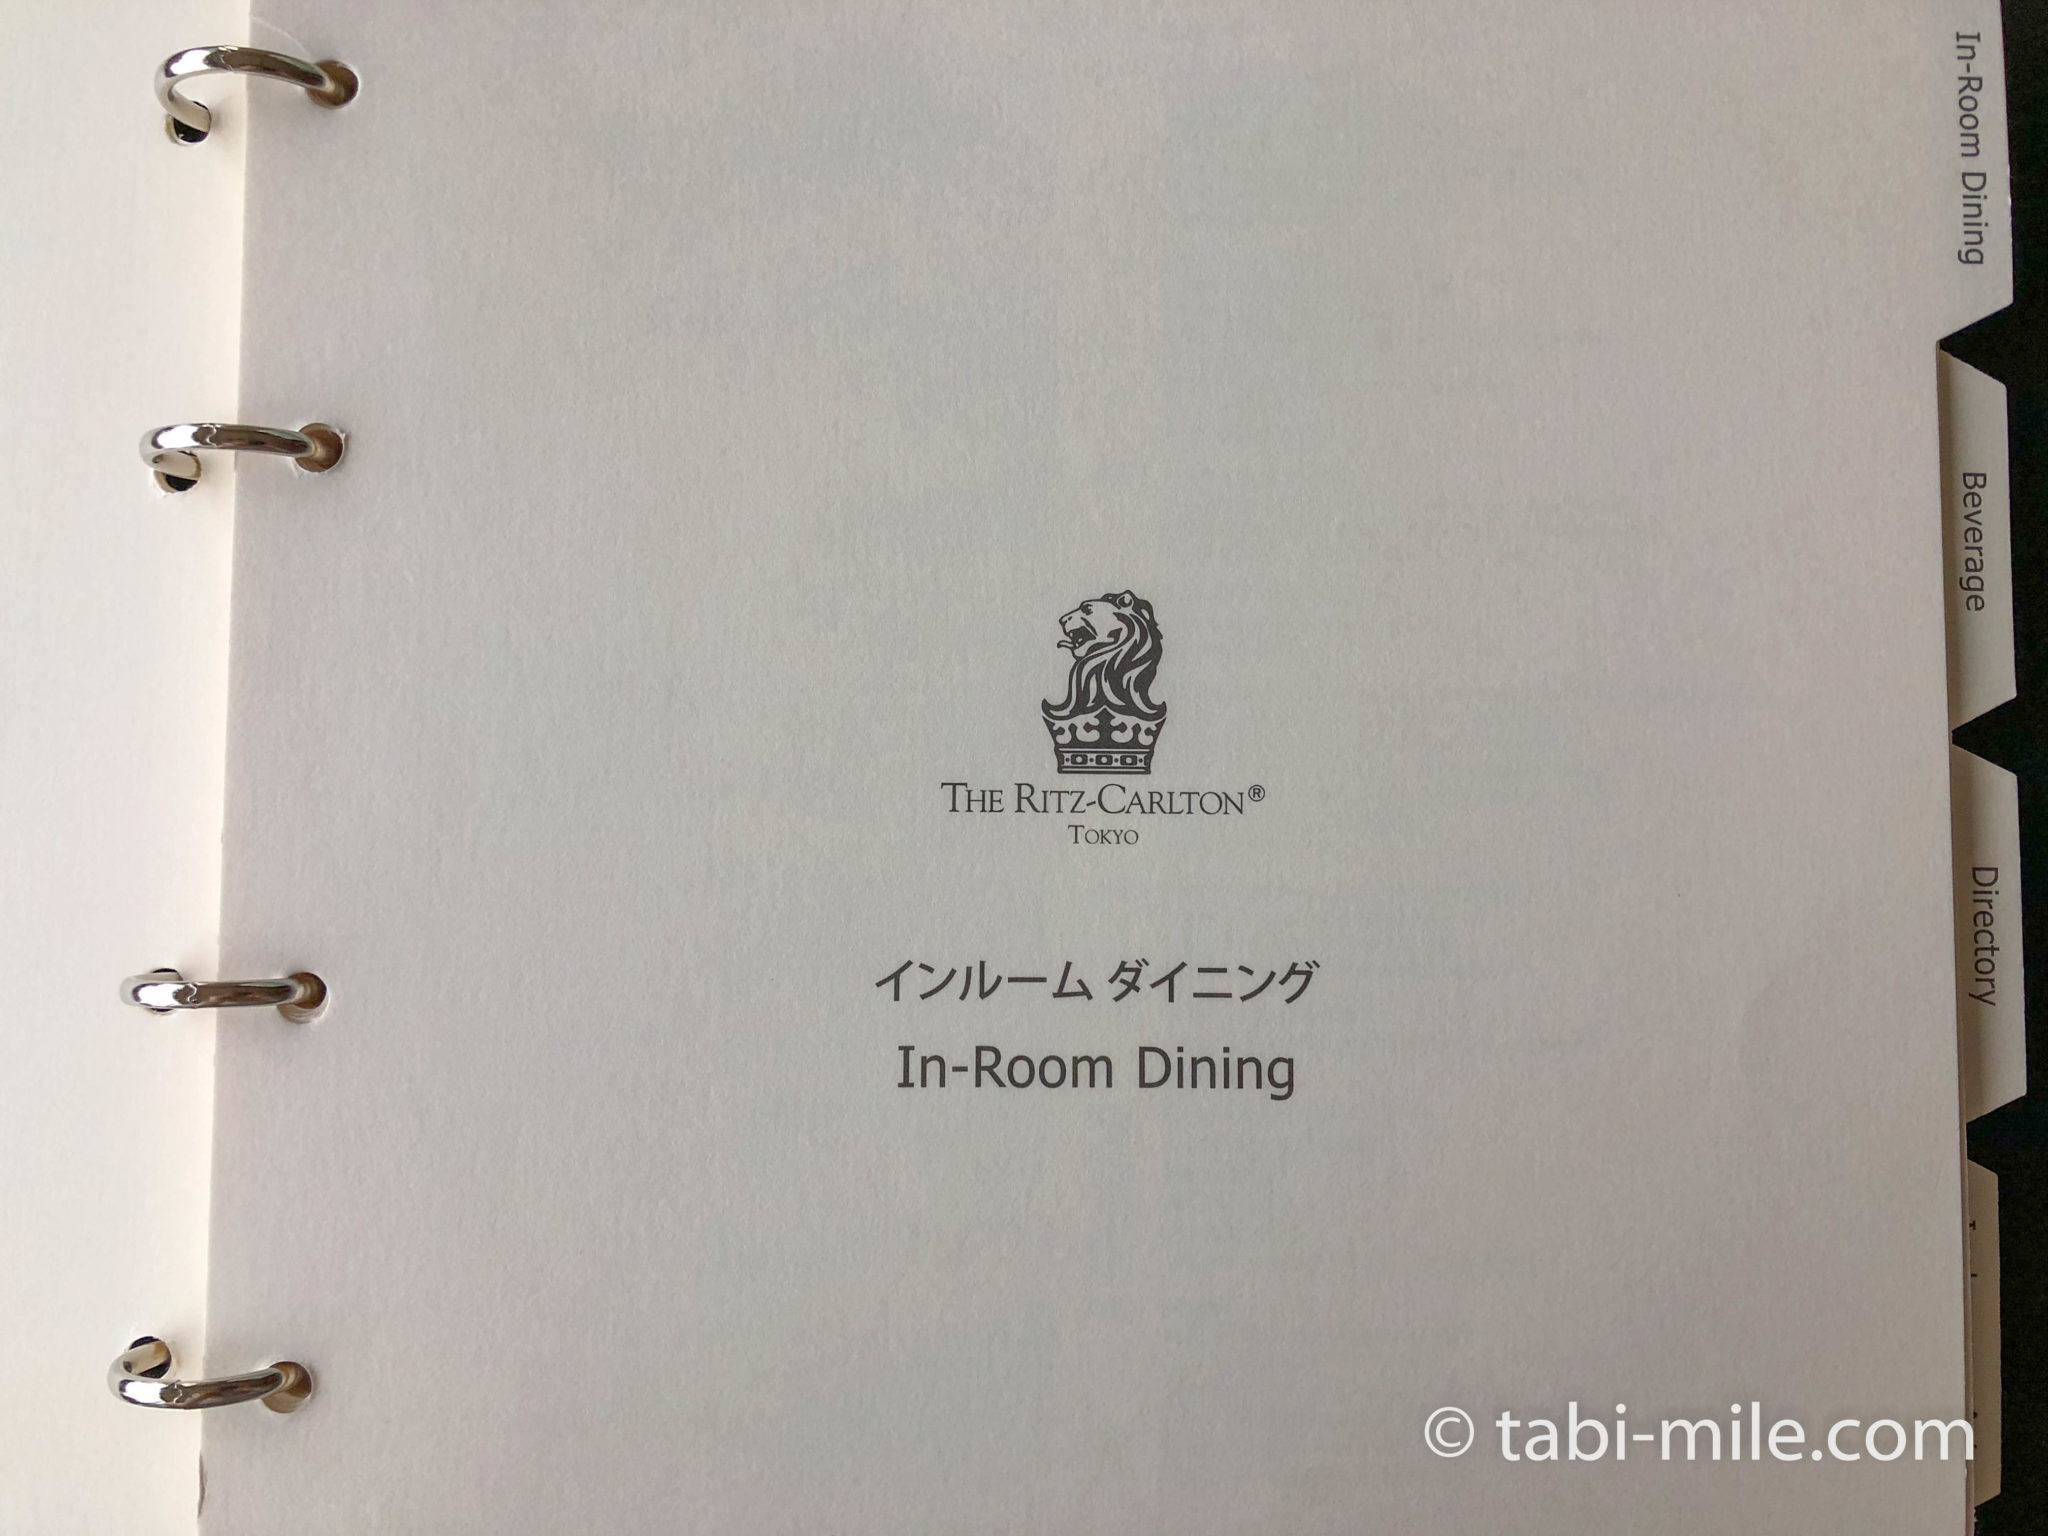 ザ・リッツ・カールトン東京インルームダイニング(ルームサービス)